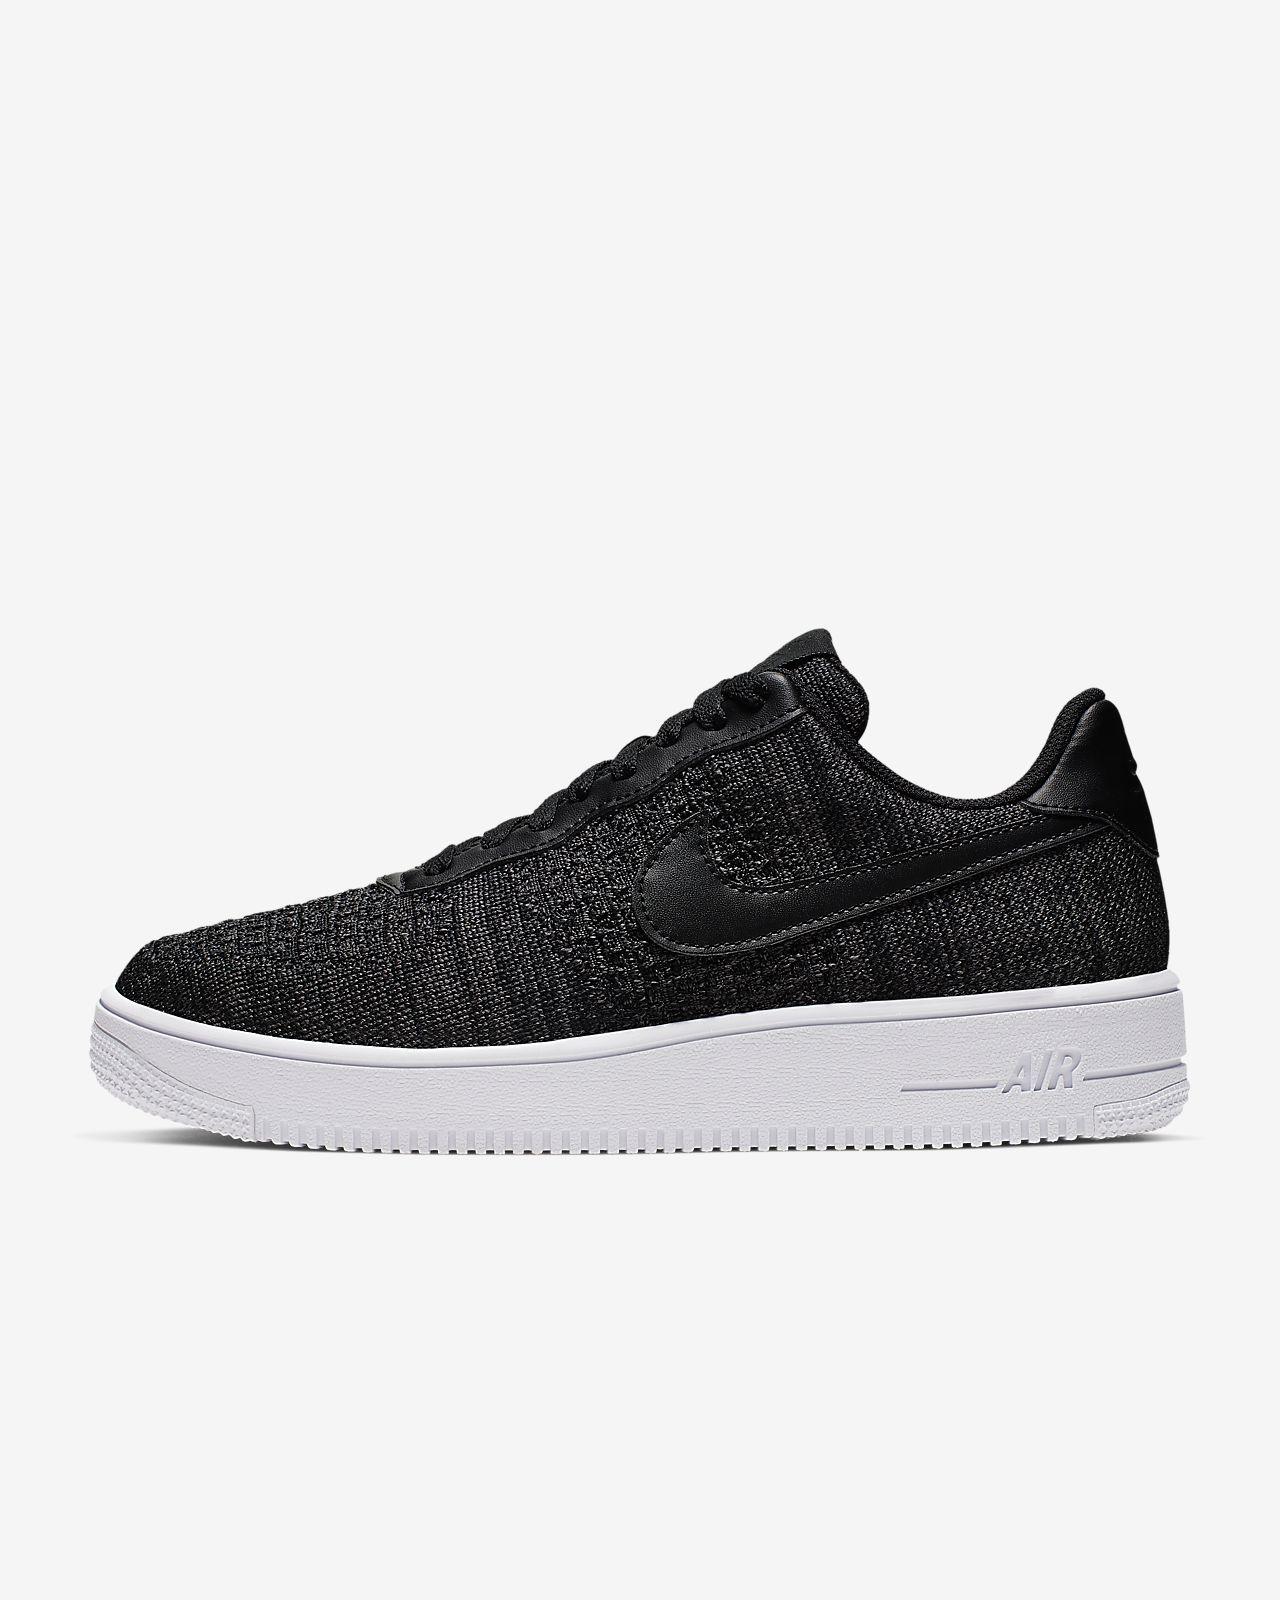 Nike Air Force 1 Flyknit 2.0 Men's Shoe